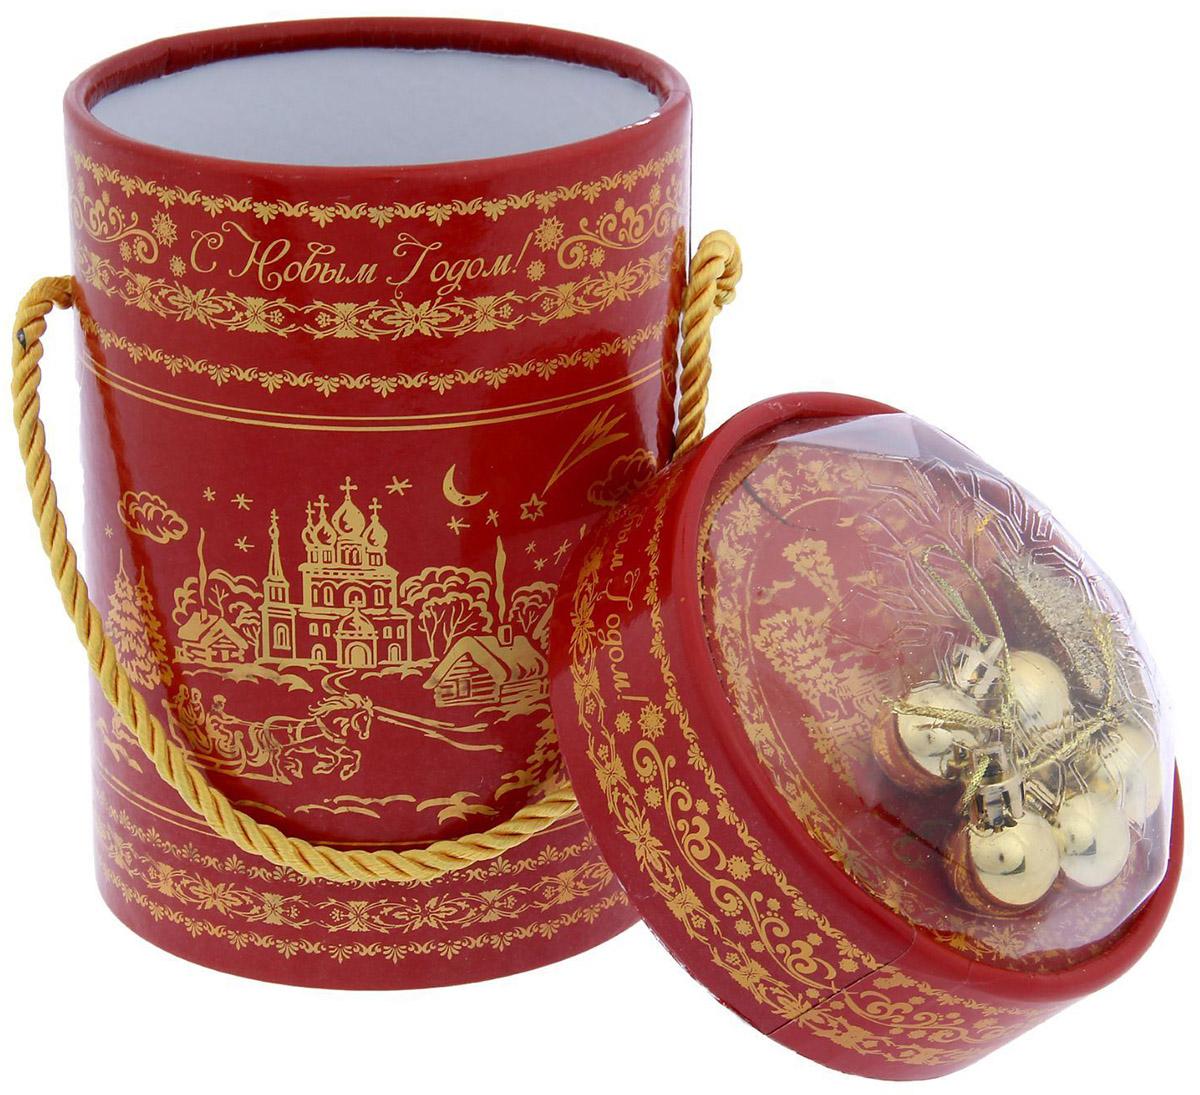 Коробка-тубус подарочная Sima-land С Новым Годом, 11,5 х 15 см1118877Любой подарок начинается с упаковки. Что может быть трогательнее и волшебнее, чем ритуал разворачивания полученного презента. И именно оригинальная, со вкусом выбранная упаковка выделит ваш подарок из массы других. Подарочная коробка-тубус Sima-land продемонстрирует самые теплые чувства к виновнику торжества и создаст сказочную атмосферу праздника.